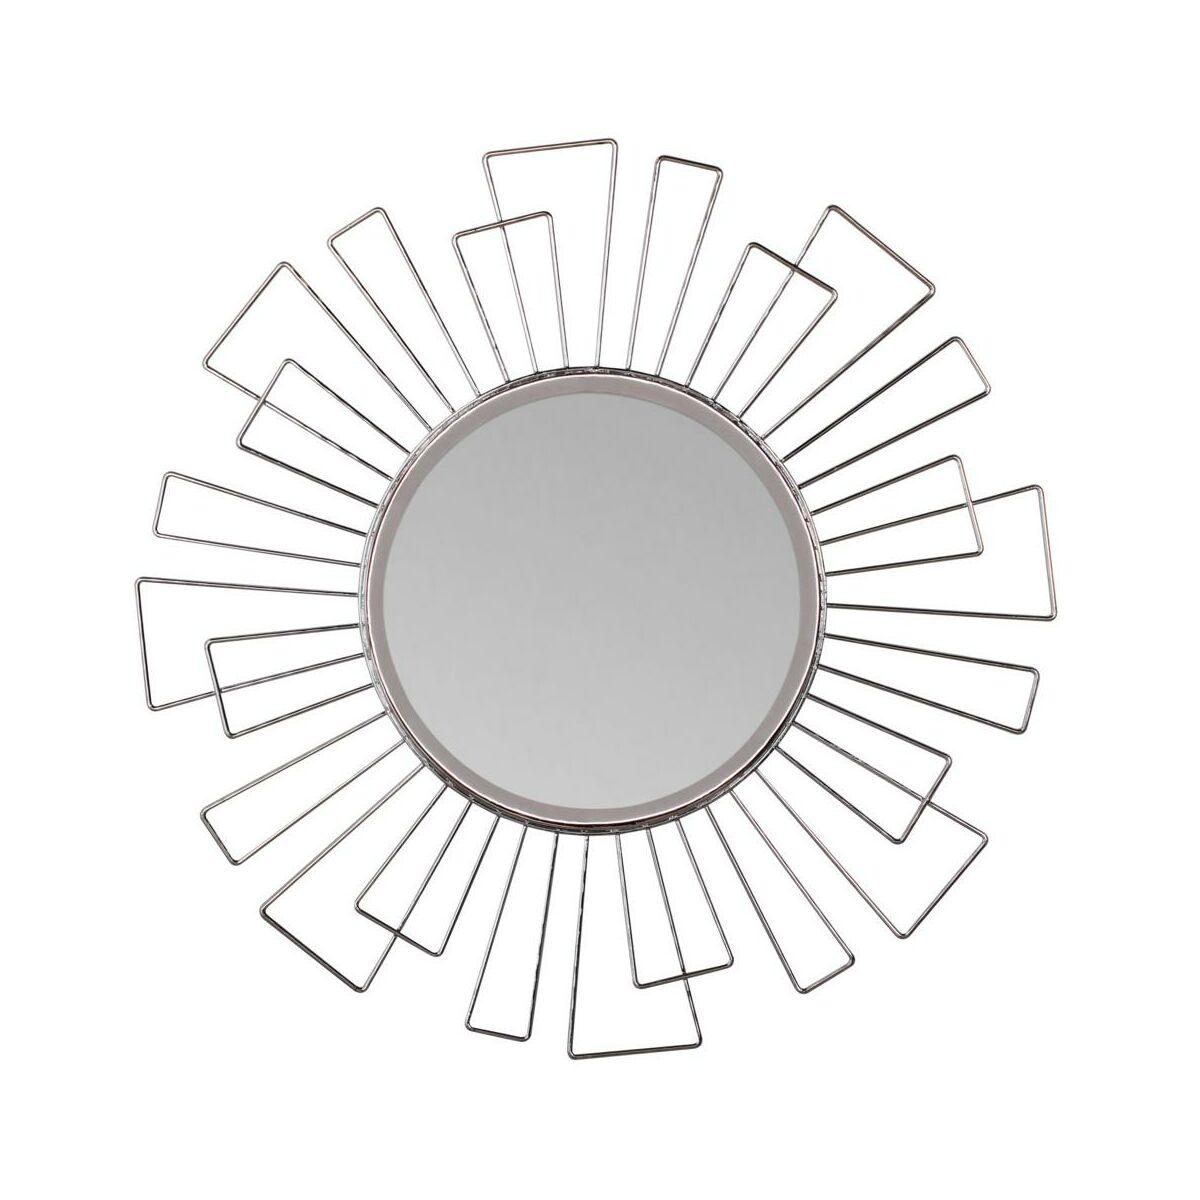 Lustro Dekoracyjne Margerie Srebrne śr 40 Cm